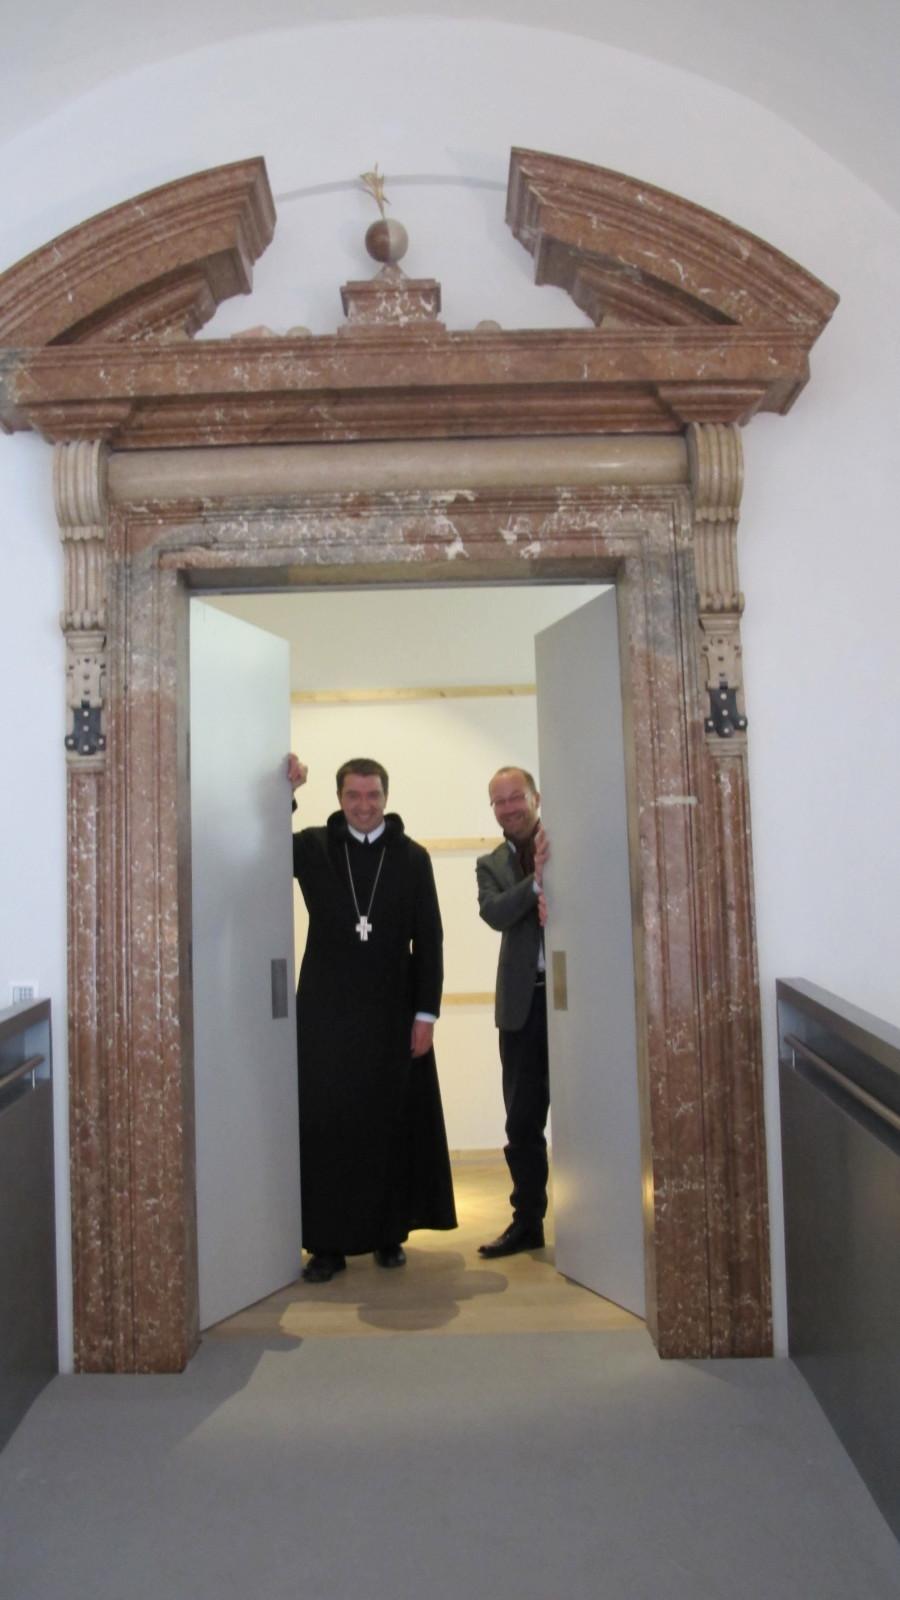 Willkommen im Wallistrakt des DomQuartiers, den das Stift St. Peter bestücken wird.